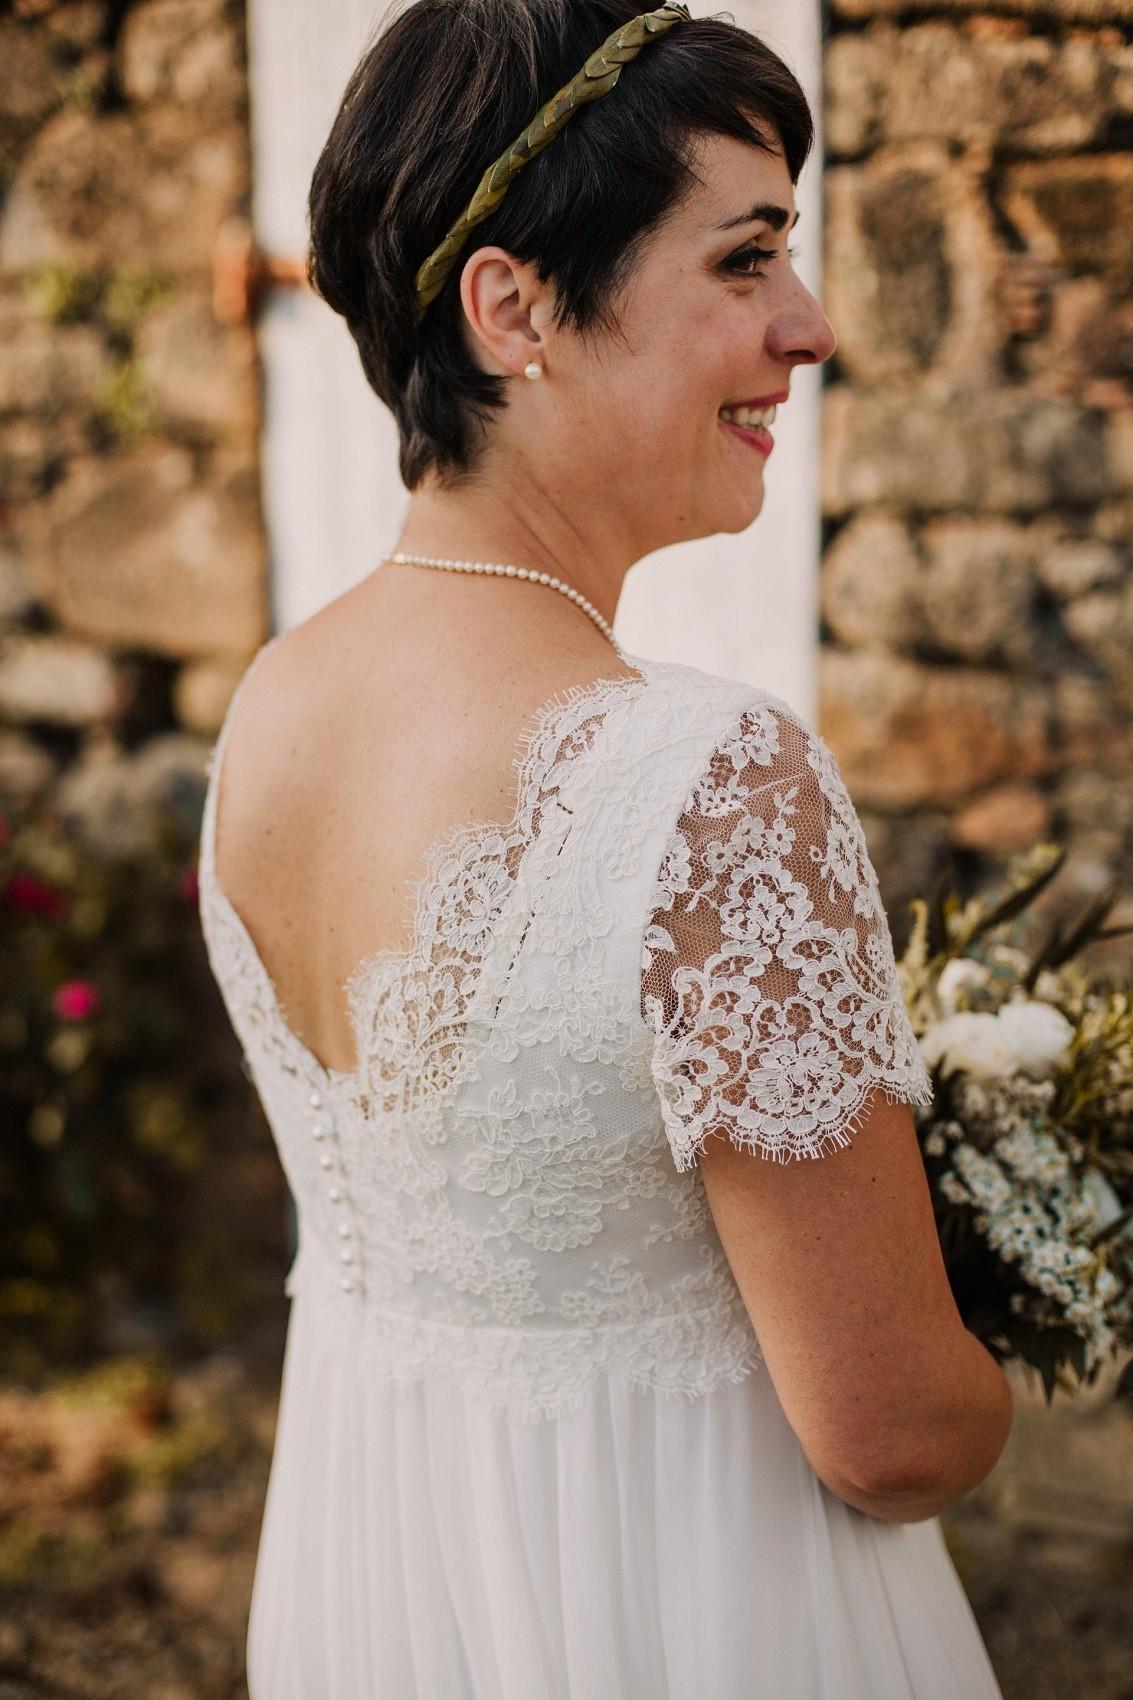 robe de mariée dos nu en dentelle avec soutien-gorge